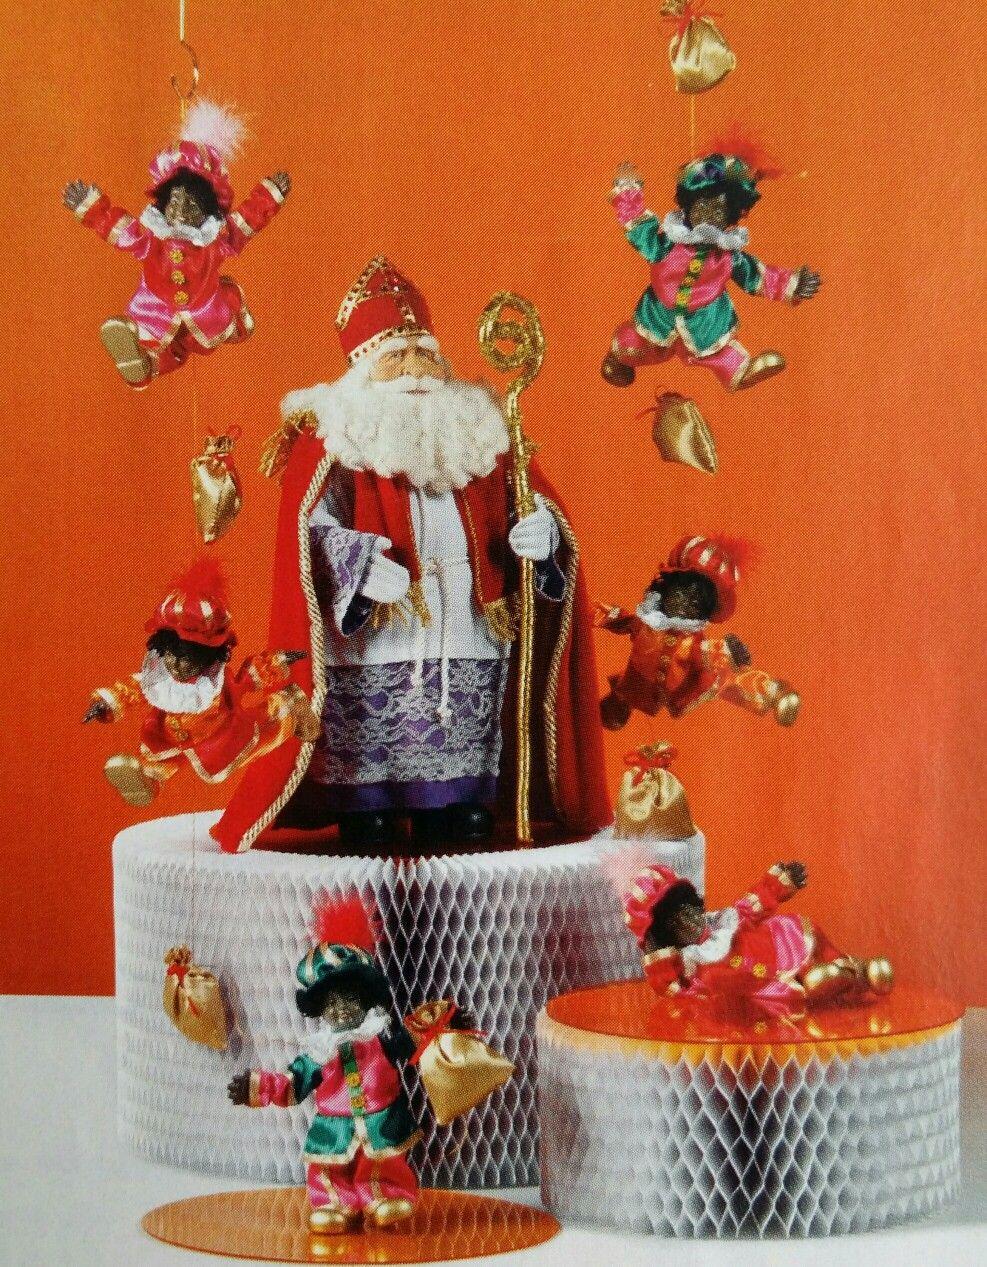 Etalage Decoratie Materiaal Decoraties Decoratie Sinterklaas